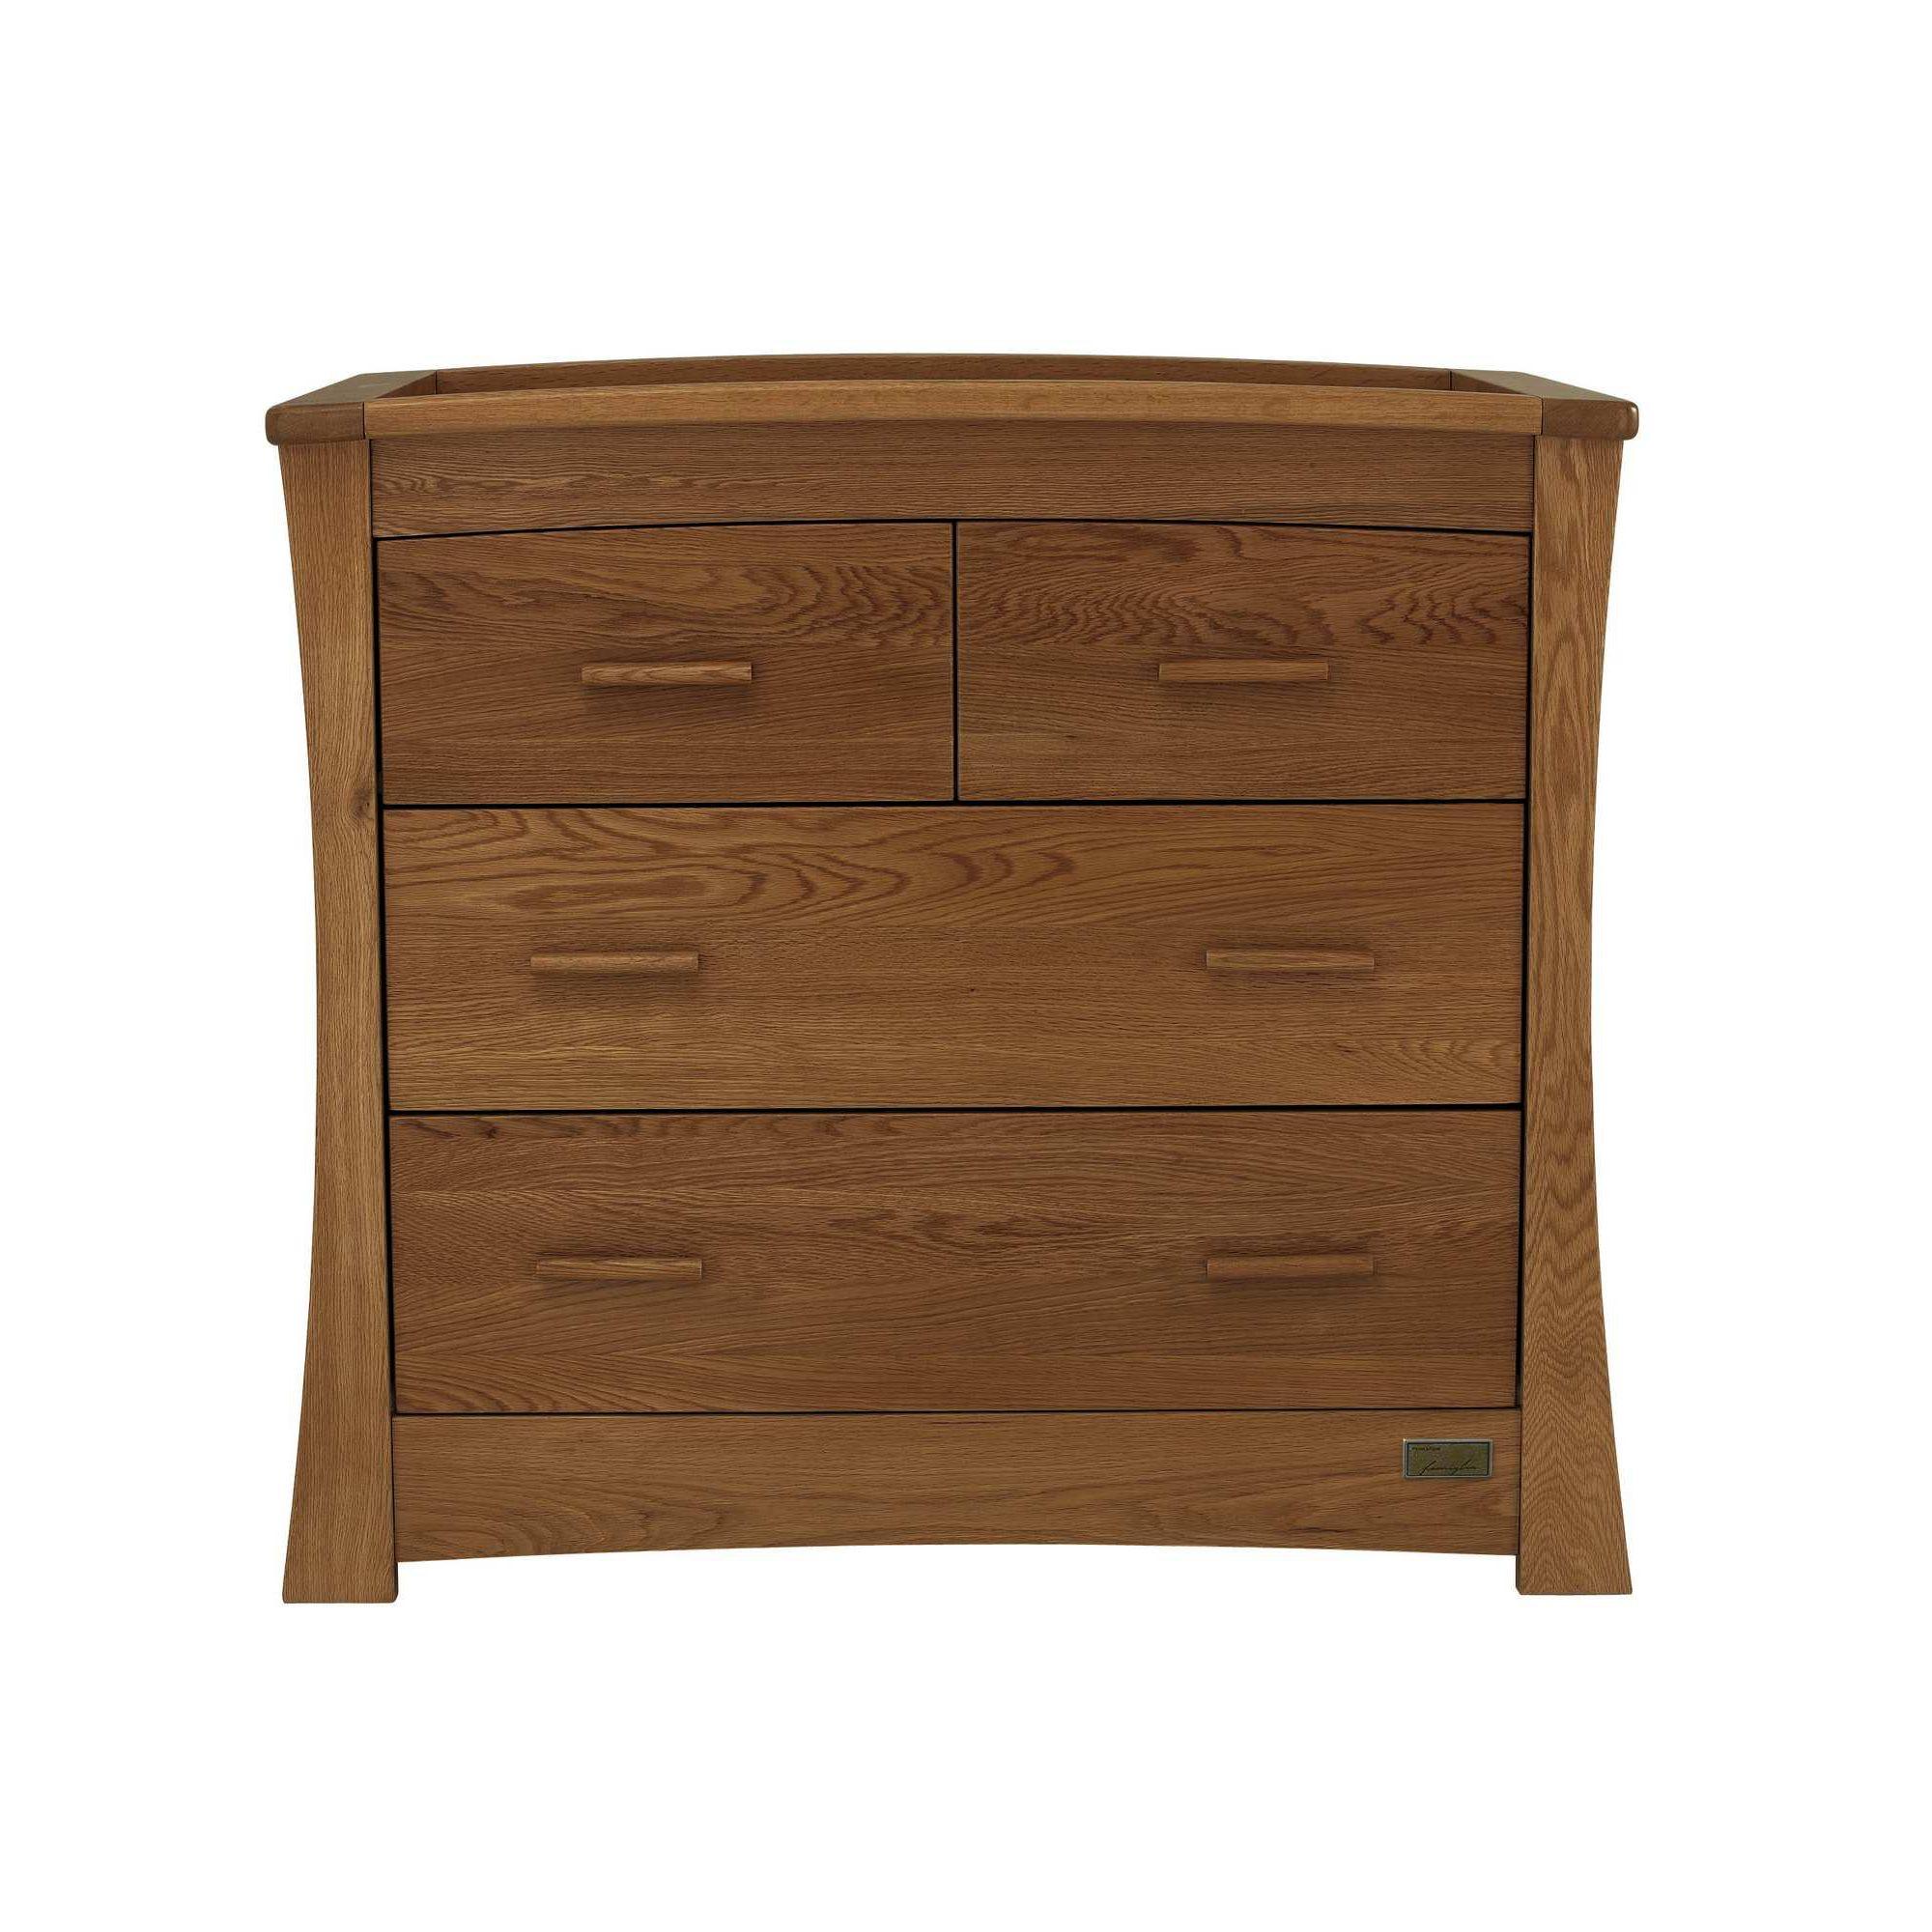 Mamas & Papas - Ocean Dresser with changer - Dark Oak at Tesco Direct